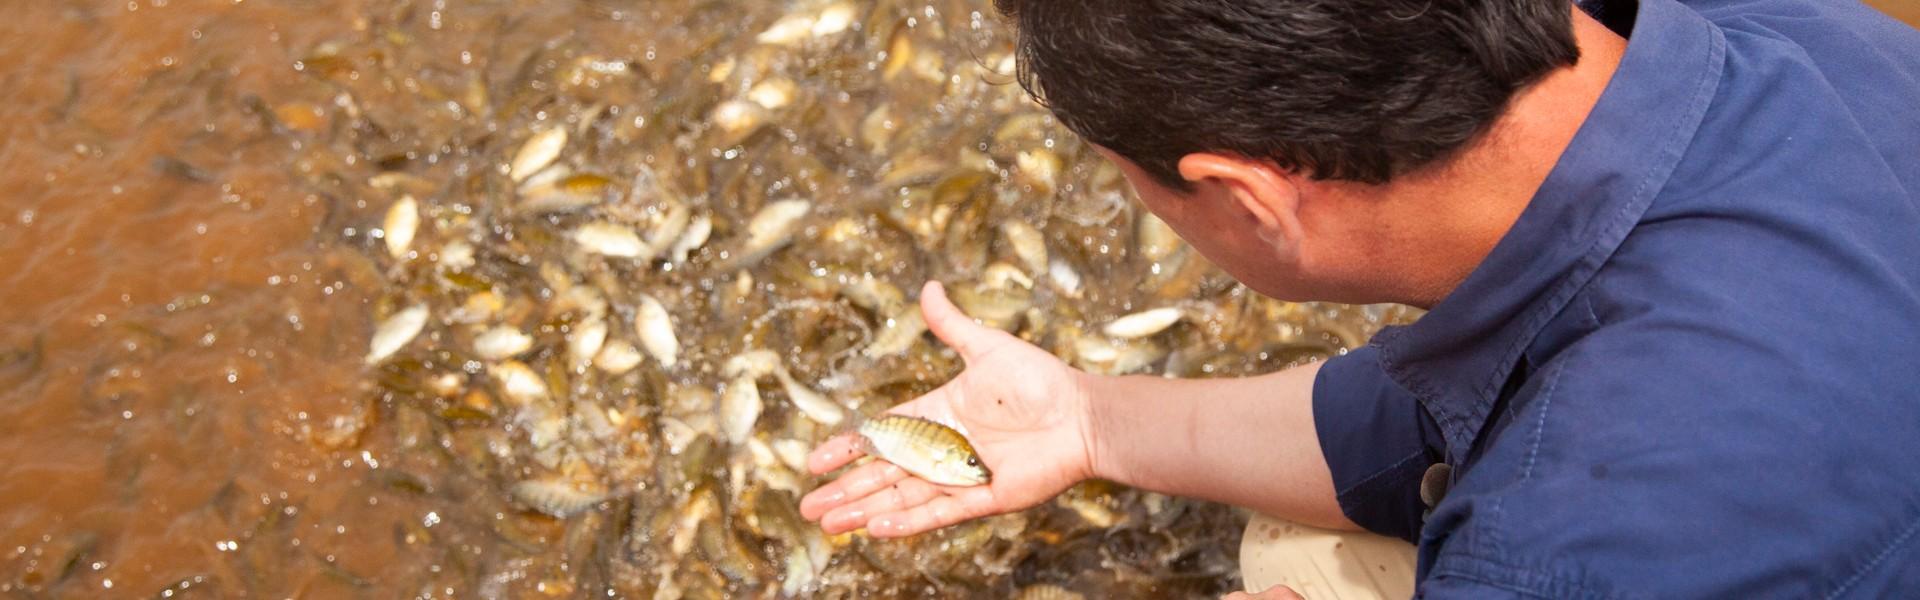 Instituto de pesca oferecerá curso sobre melhoramento genético de peixes